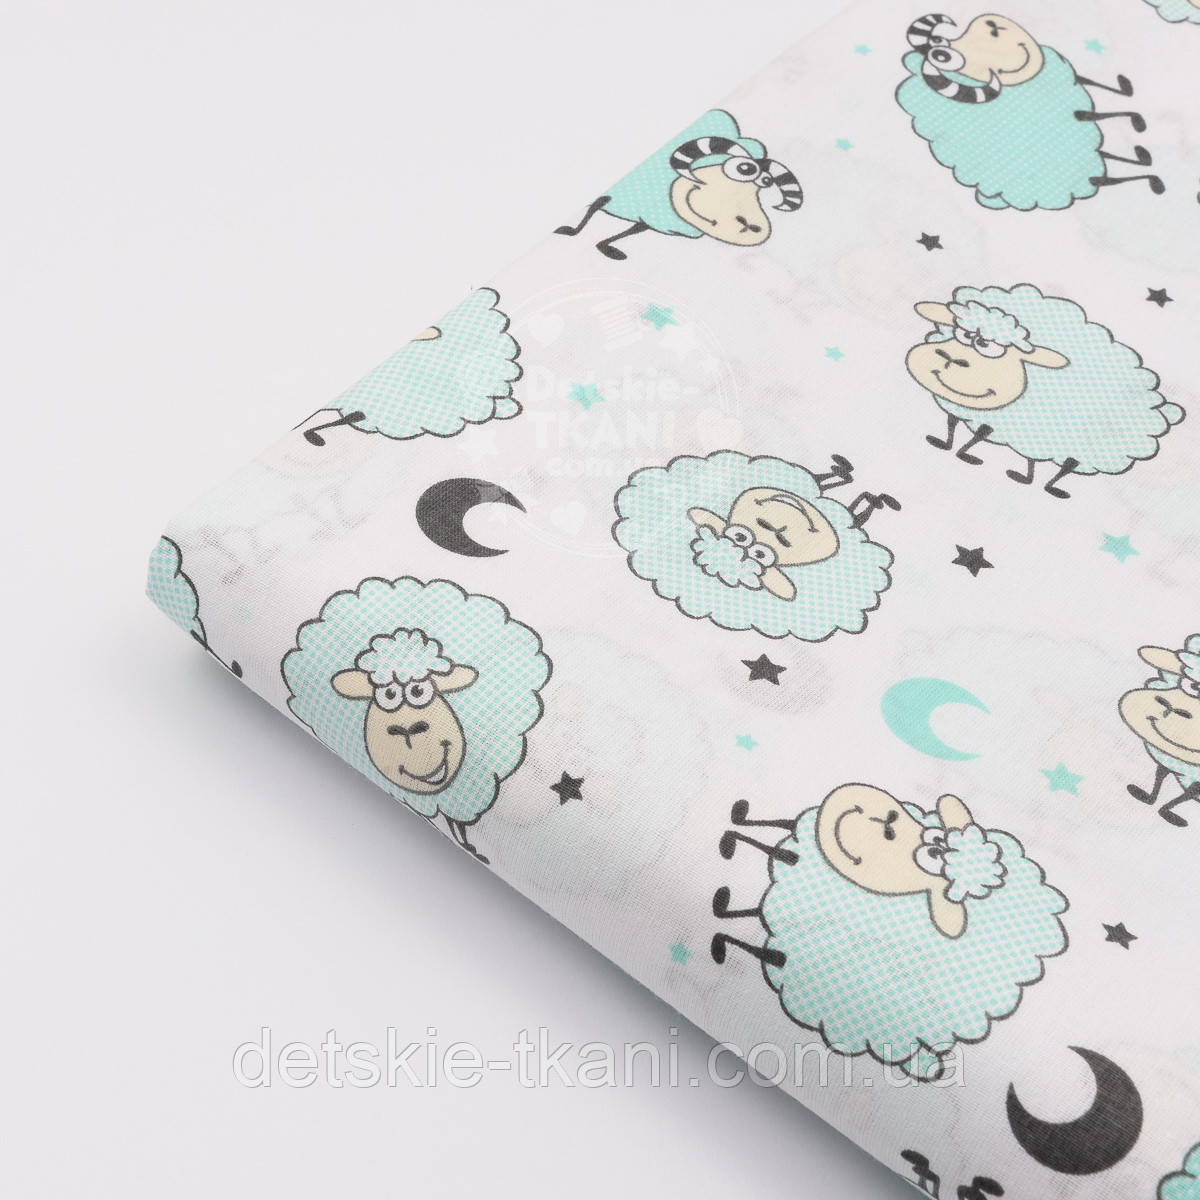 Лоскут ткани с голубыми овечками на белом  фоне № 1122